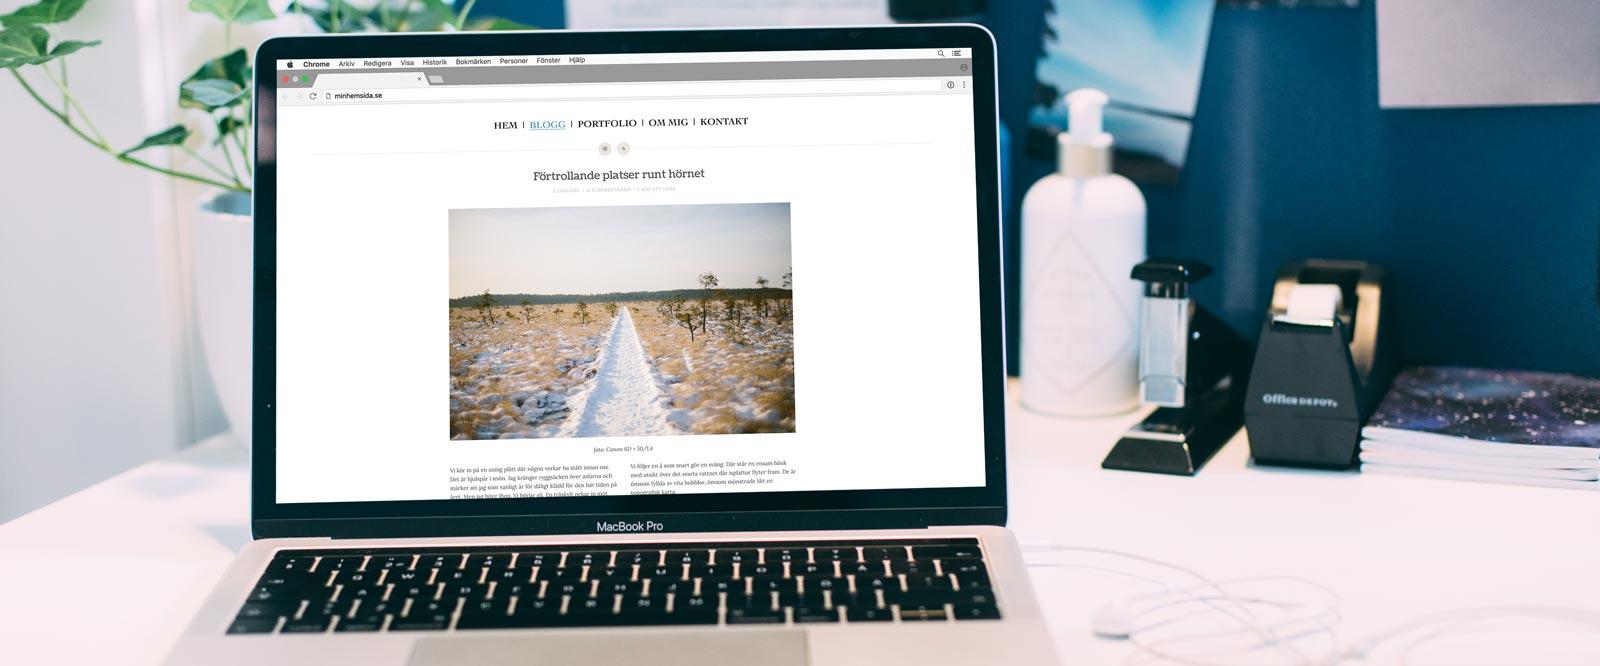 Onlinekurs Egen webbplats med WordPress